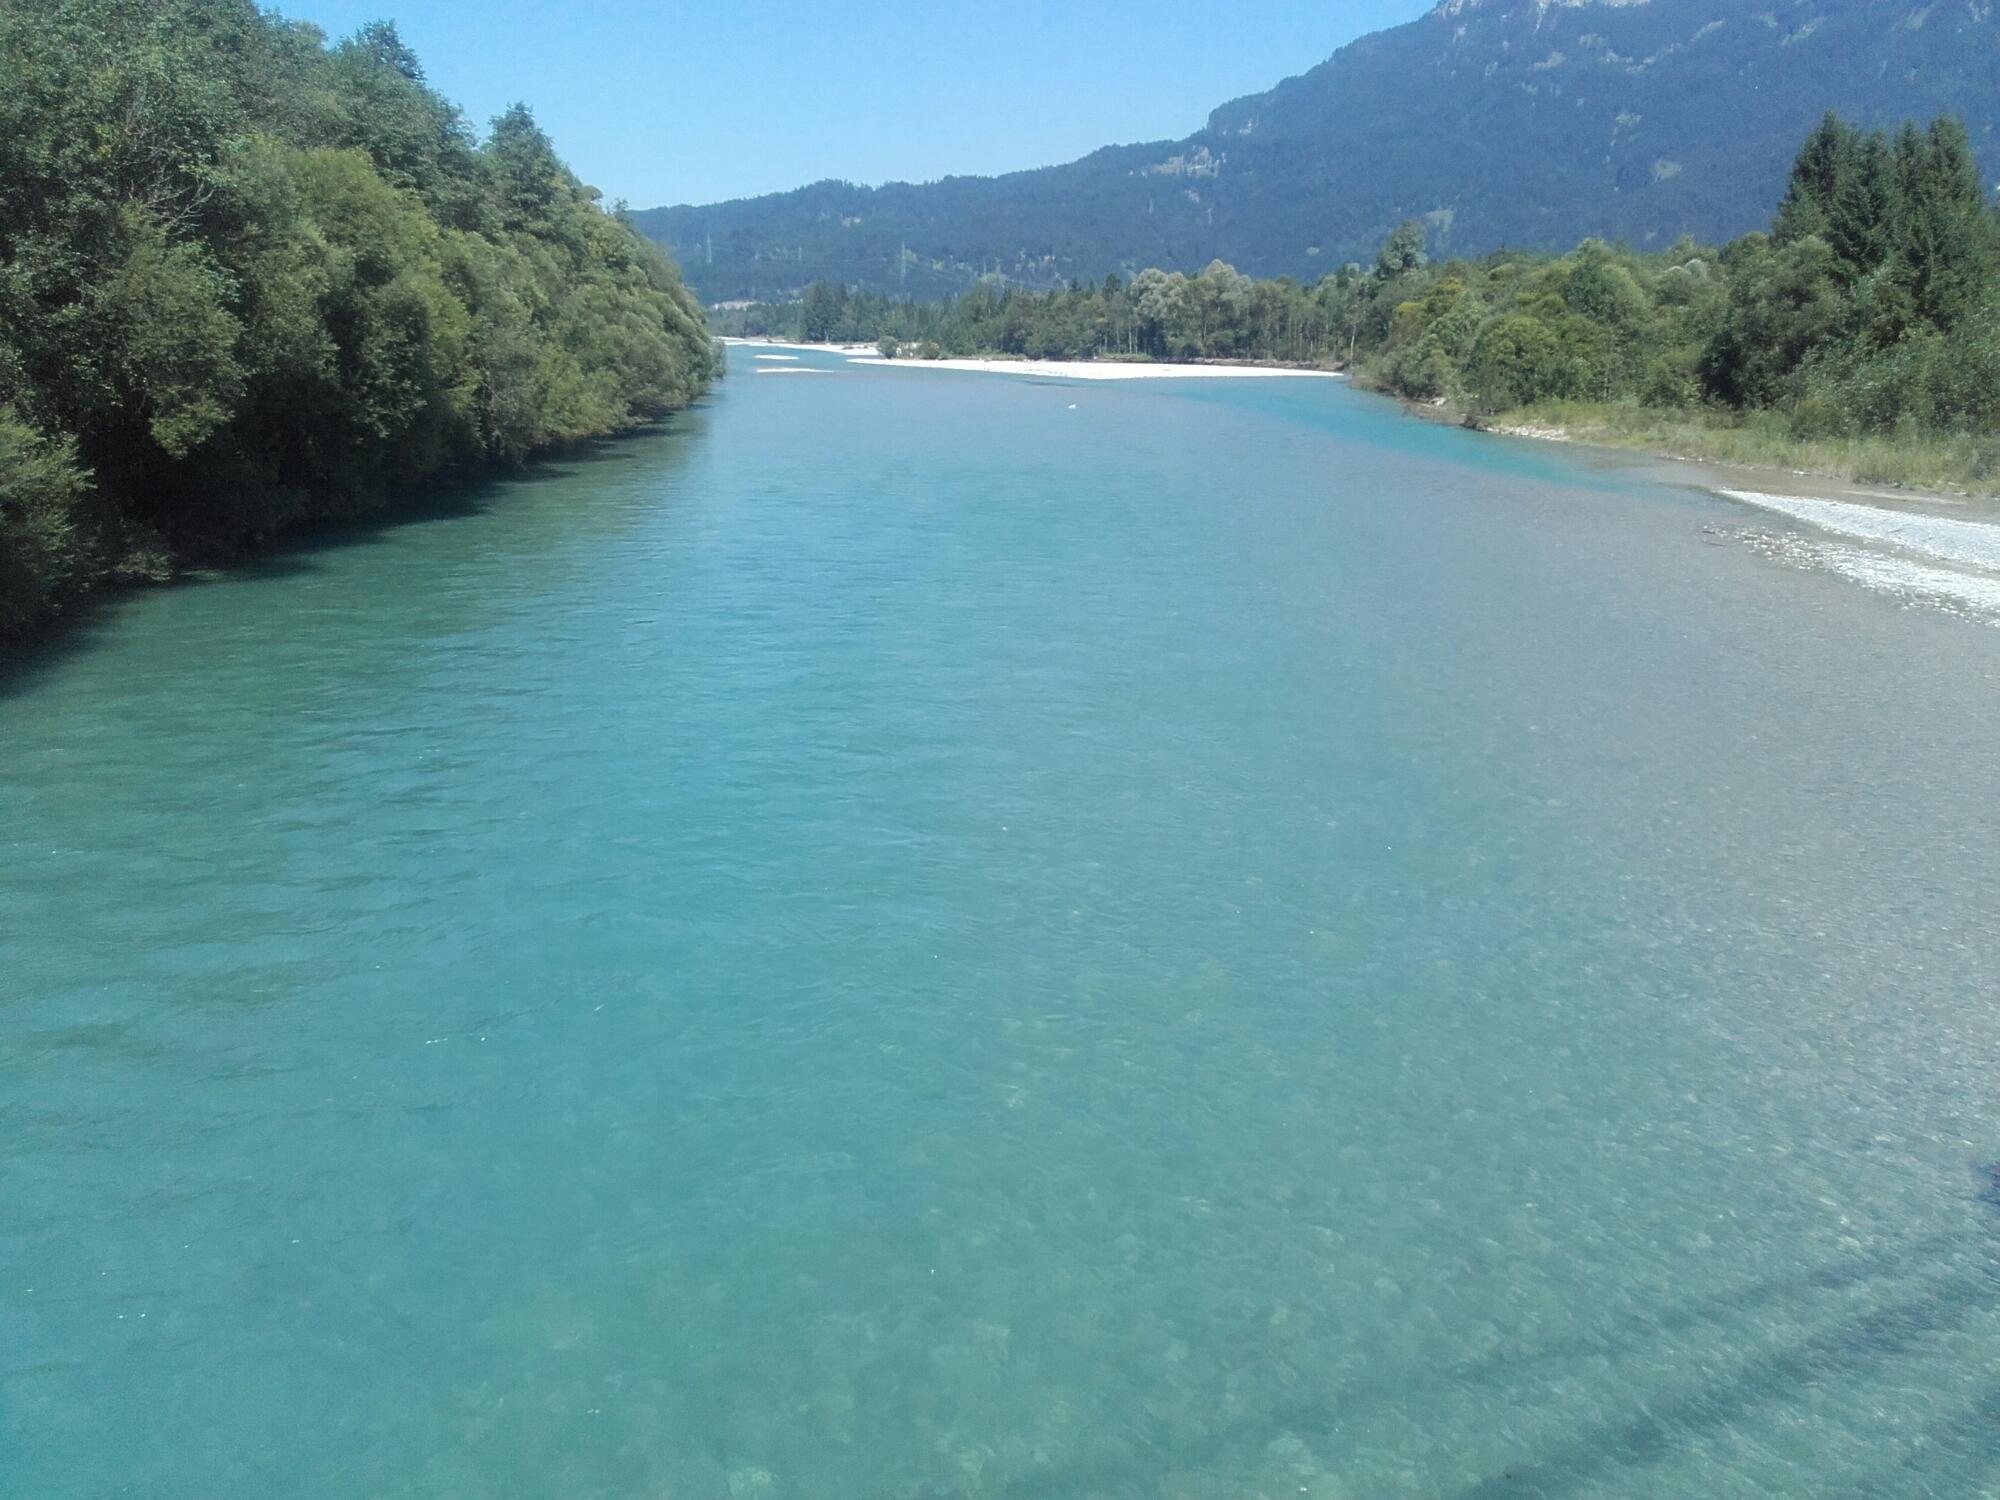 Lech_Fluss_Wasser_Reutte_Sommer